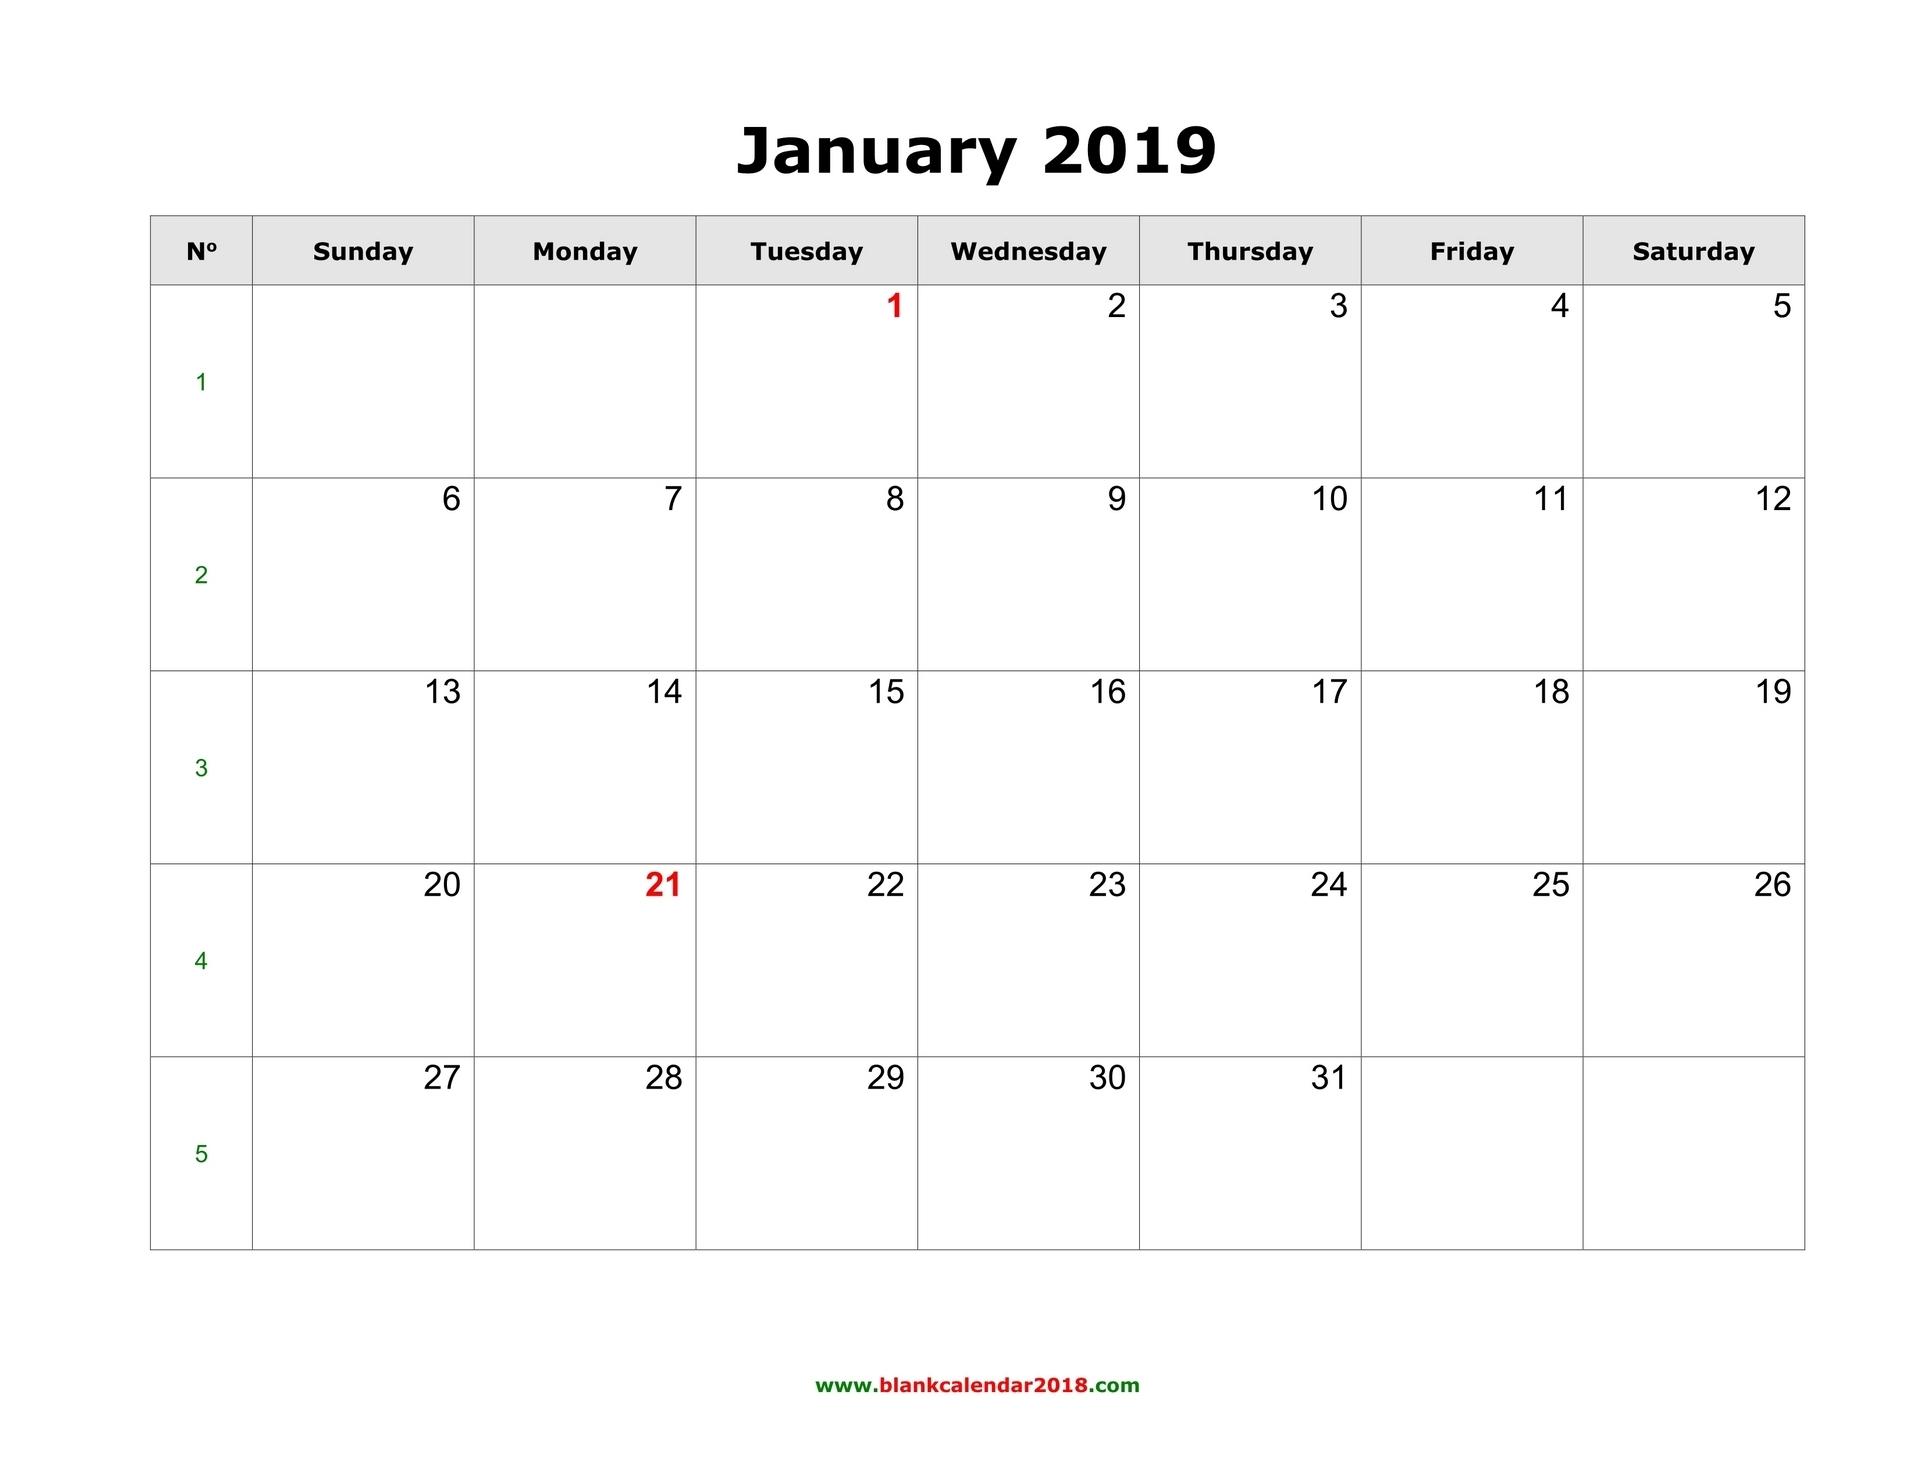 Blank Calendar 2019 intended for Printable Fill In Calendar 2019